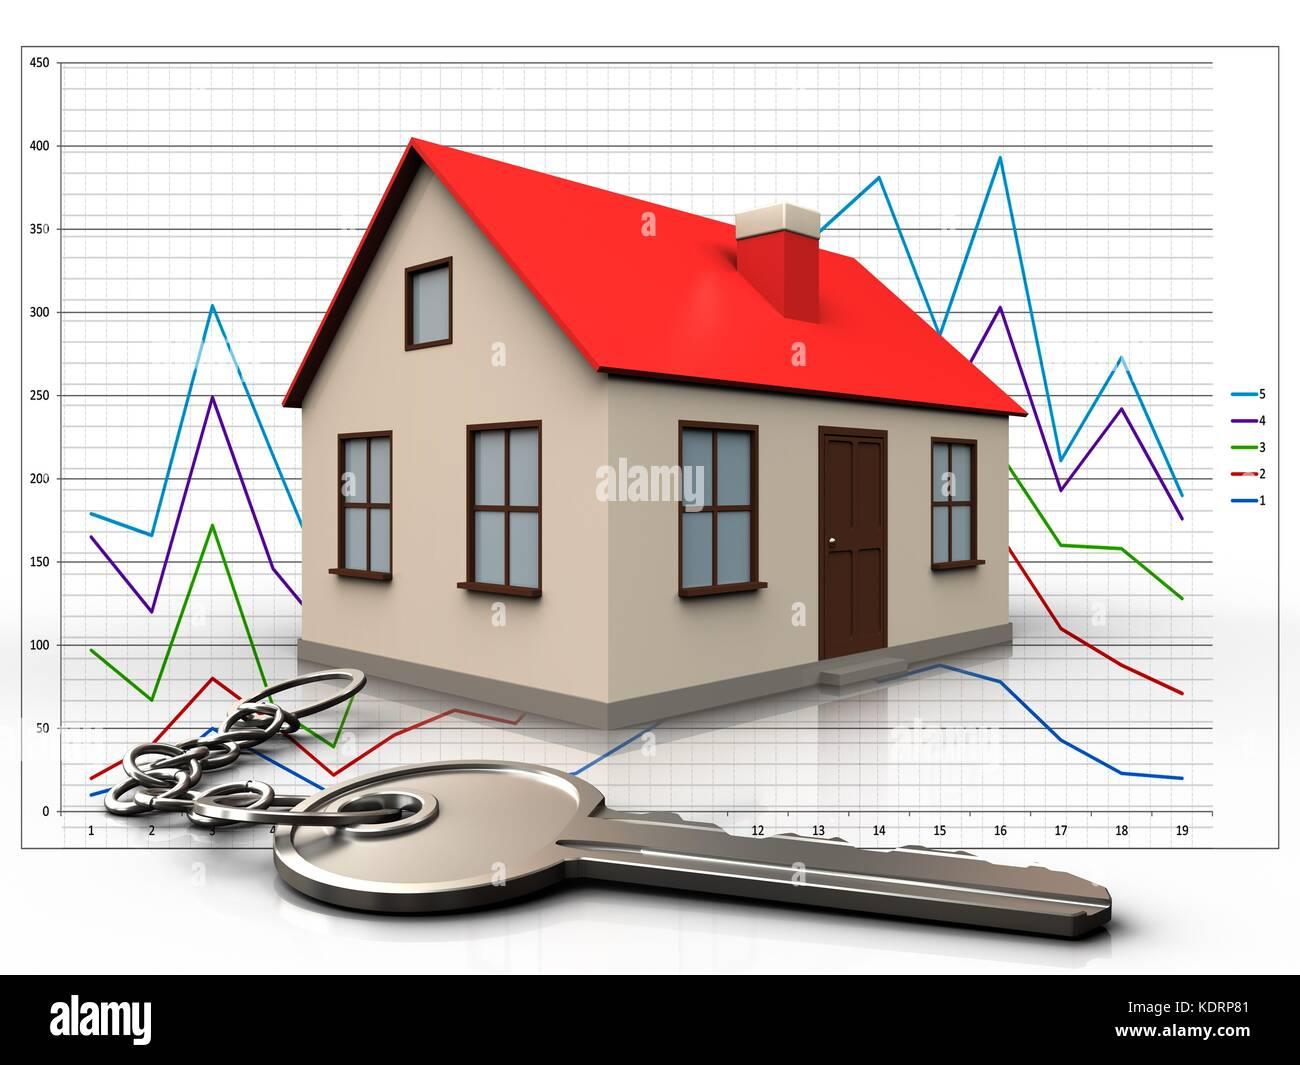 Diagramm Haus Elektrische Installation - linearsystem.co - Home ...